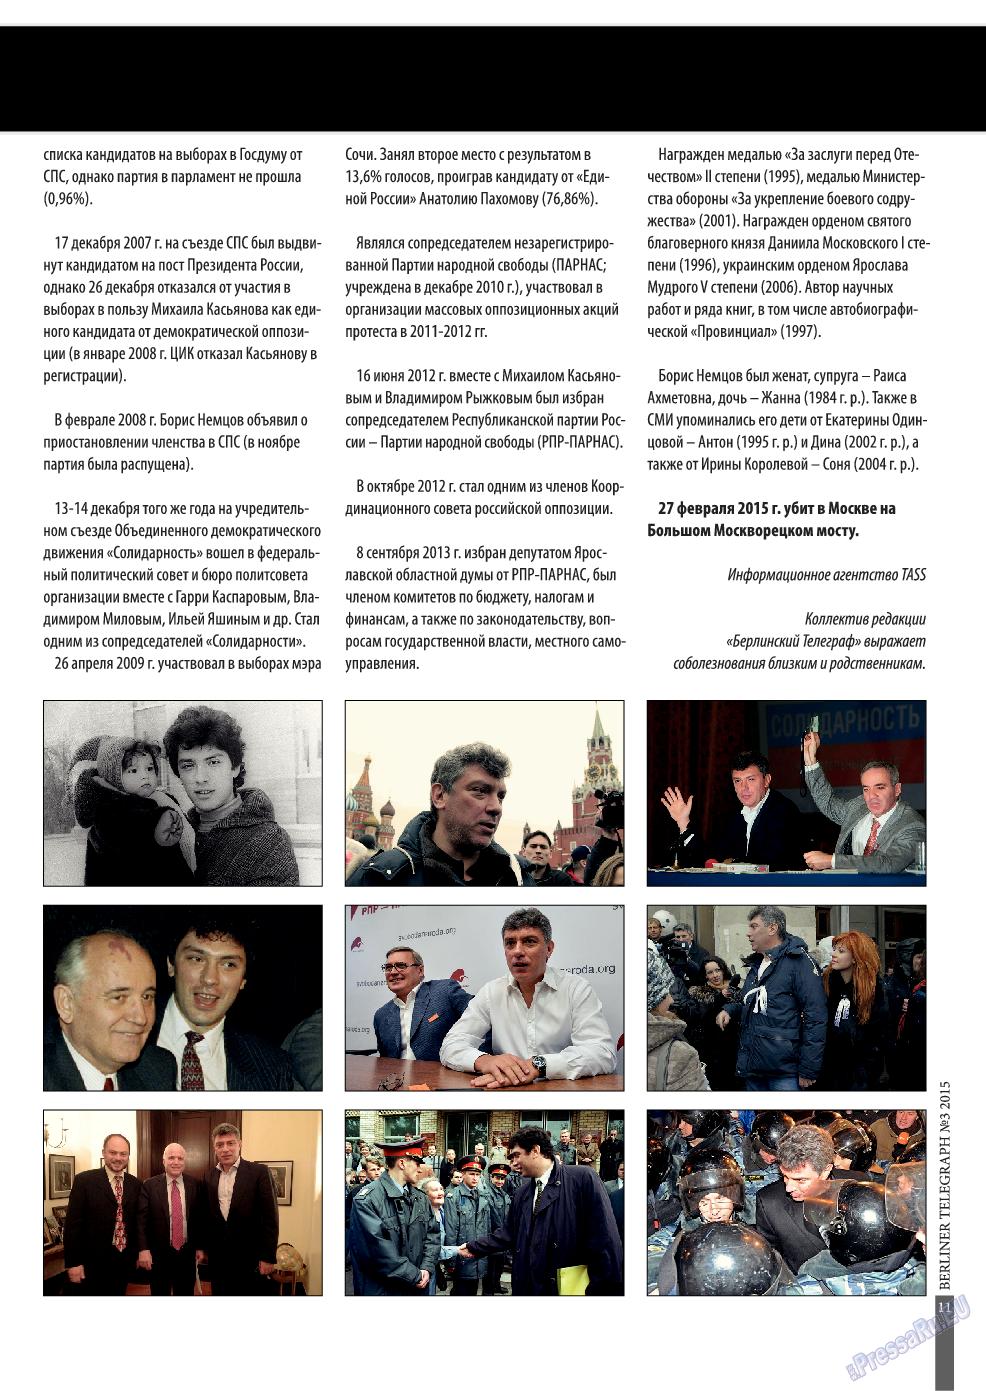 Берлинский телеграф (журнал). 2015 год, номер 3, стр. 11